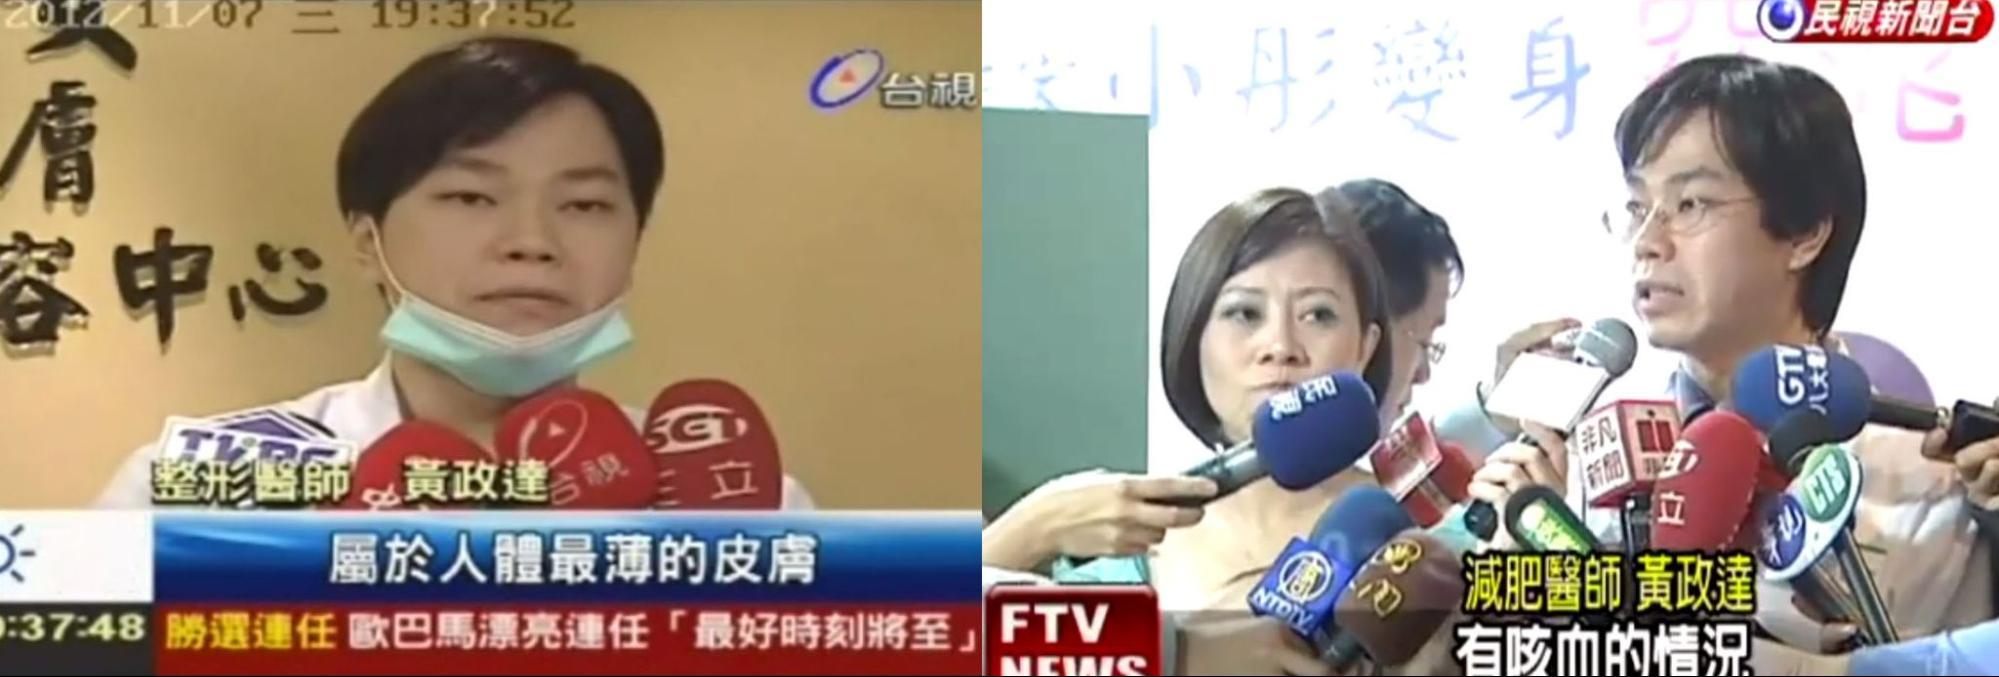 醫師受邀媒體採訪-彥靚診所醫師是原廠認證醫師,醫美門診減重門診效果好